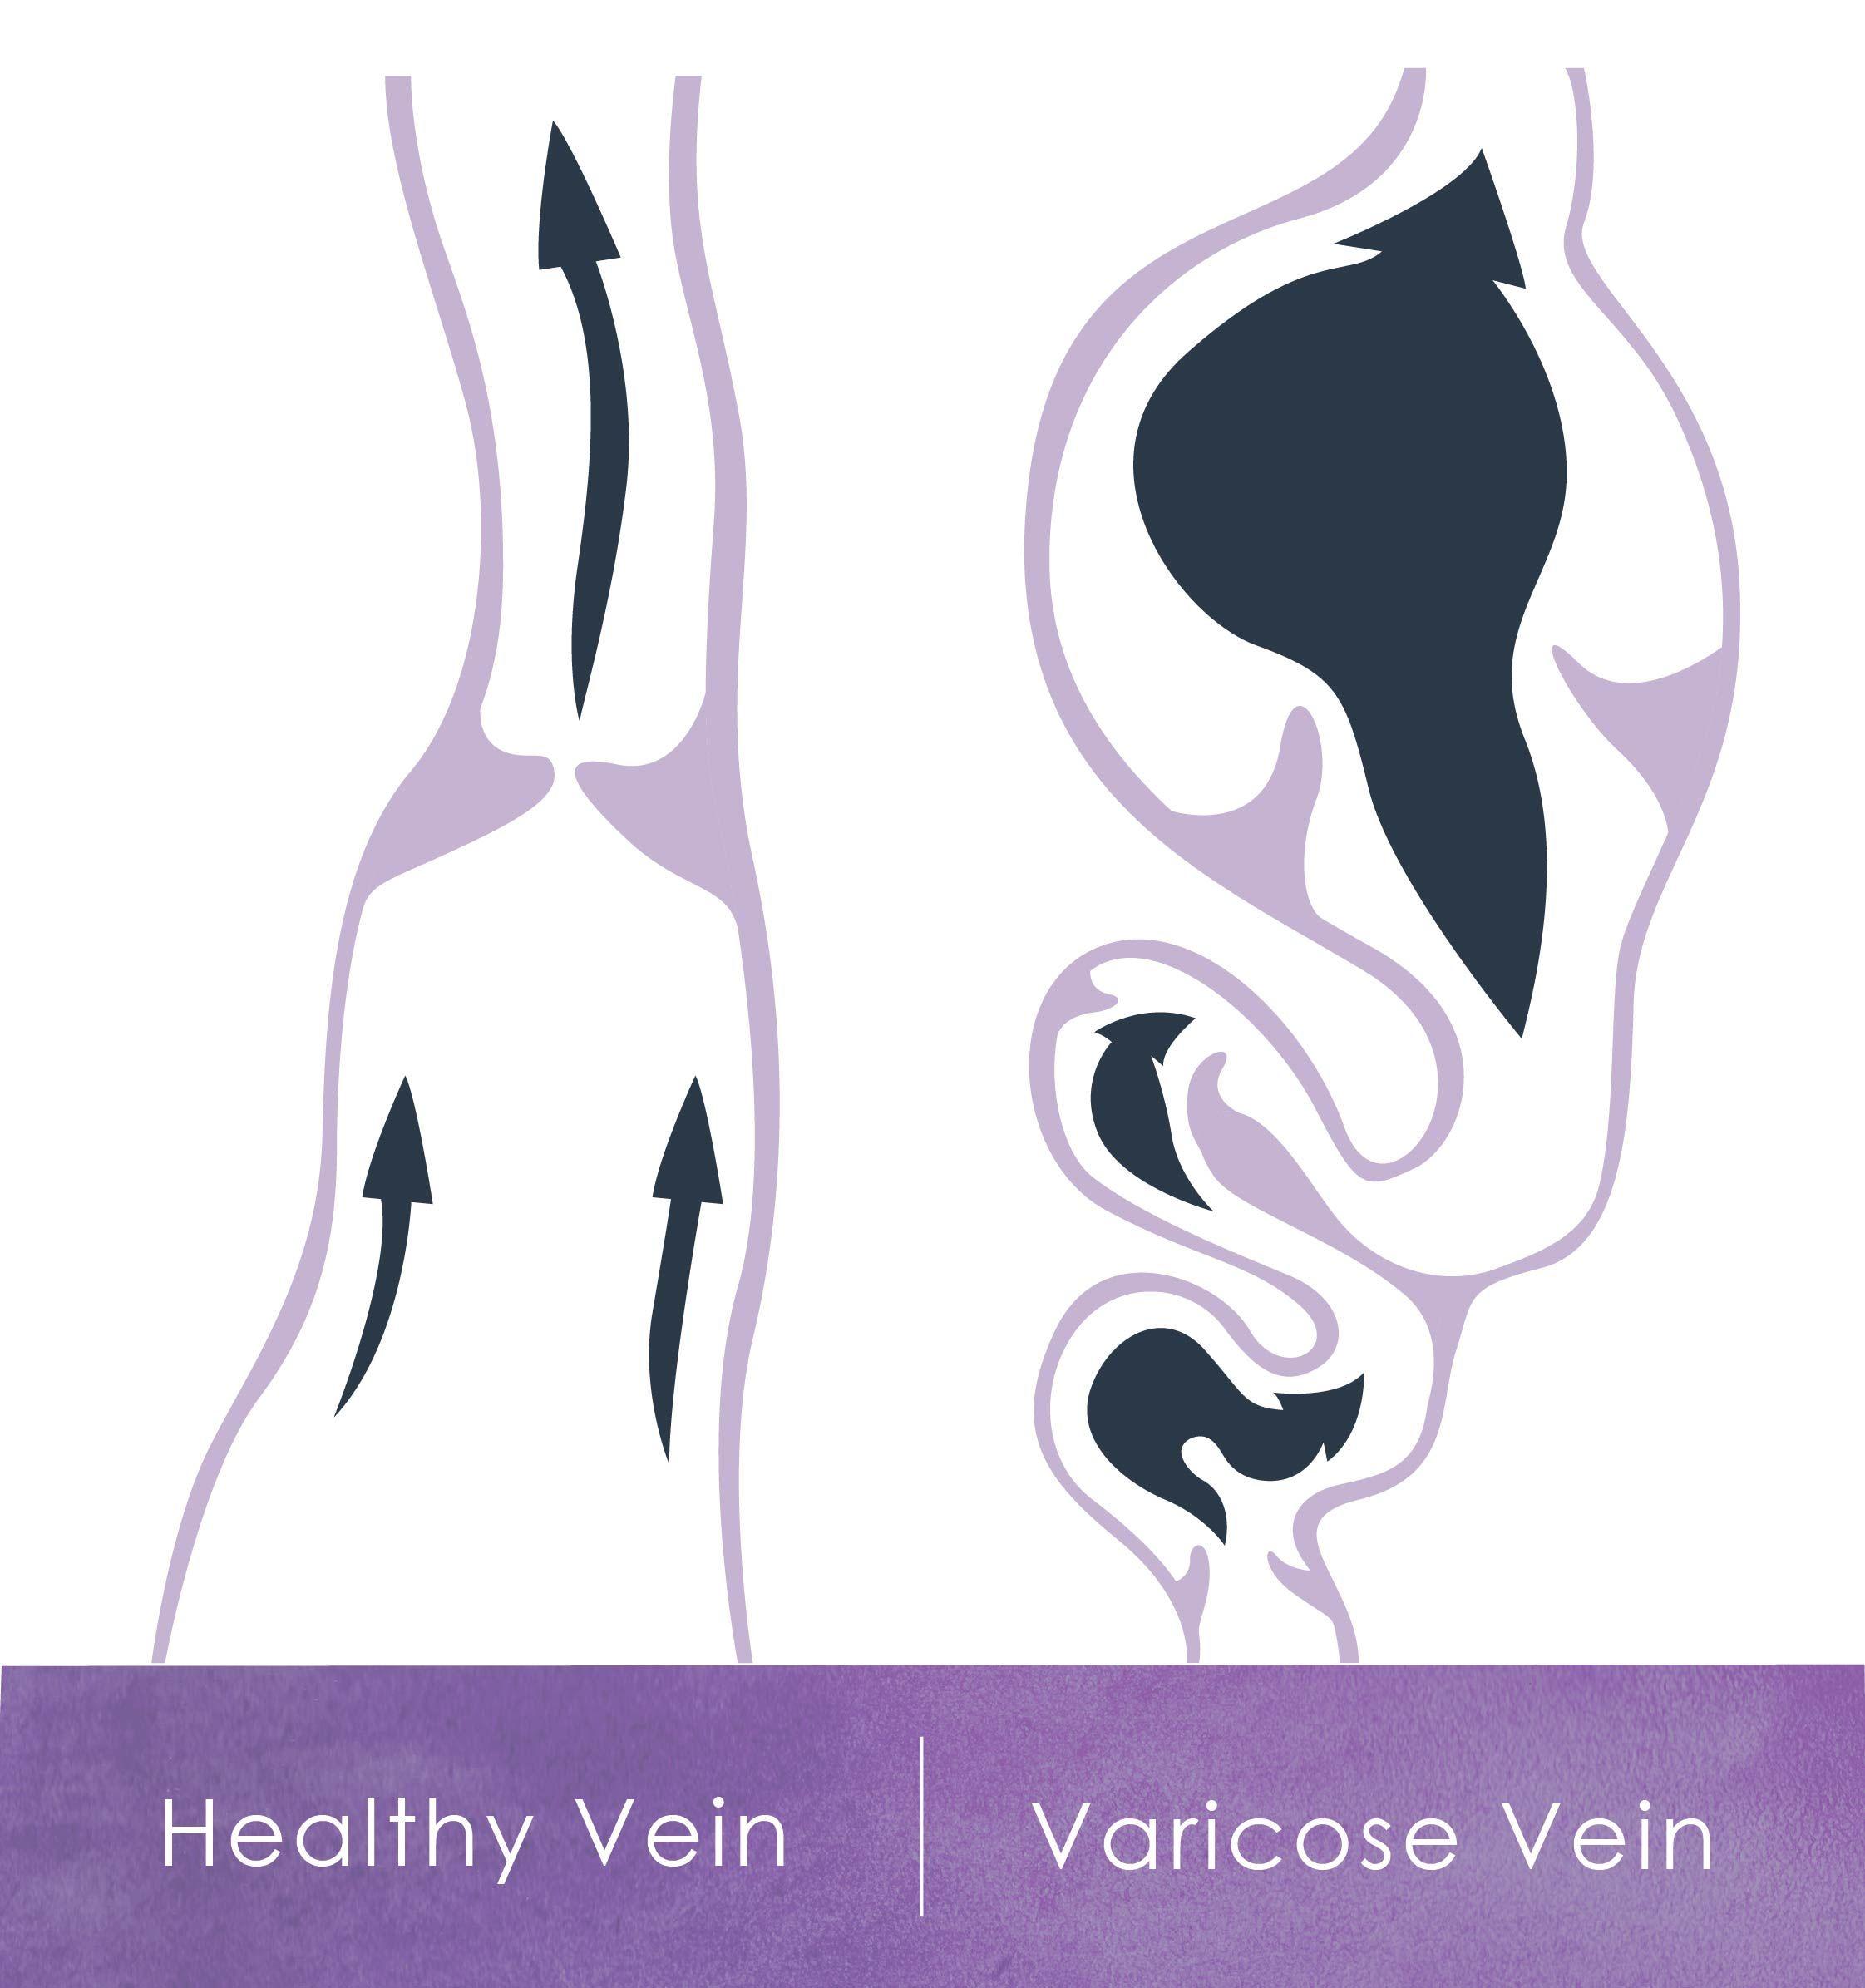 Diagram of healthy vs varicose vein